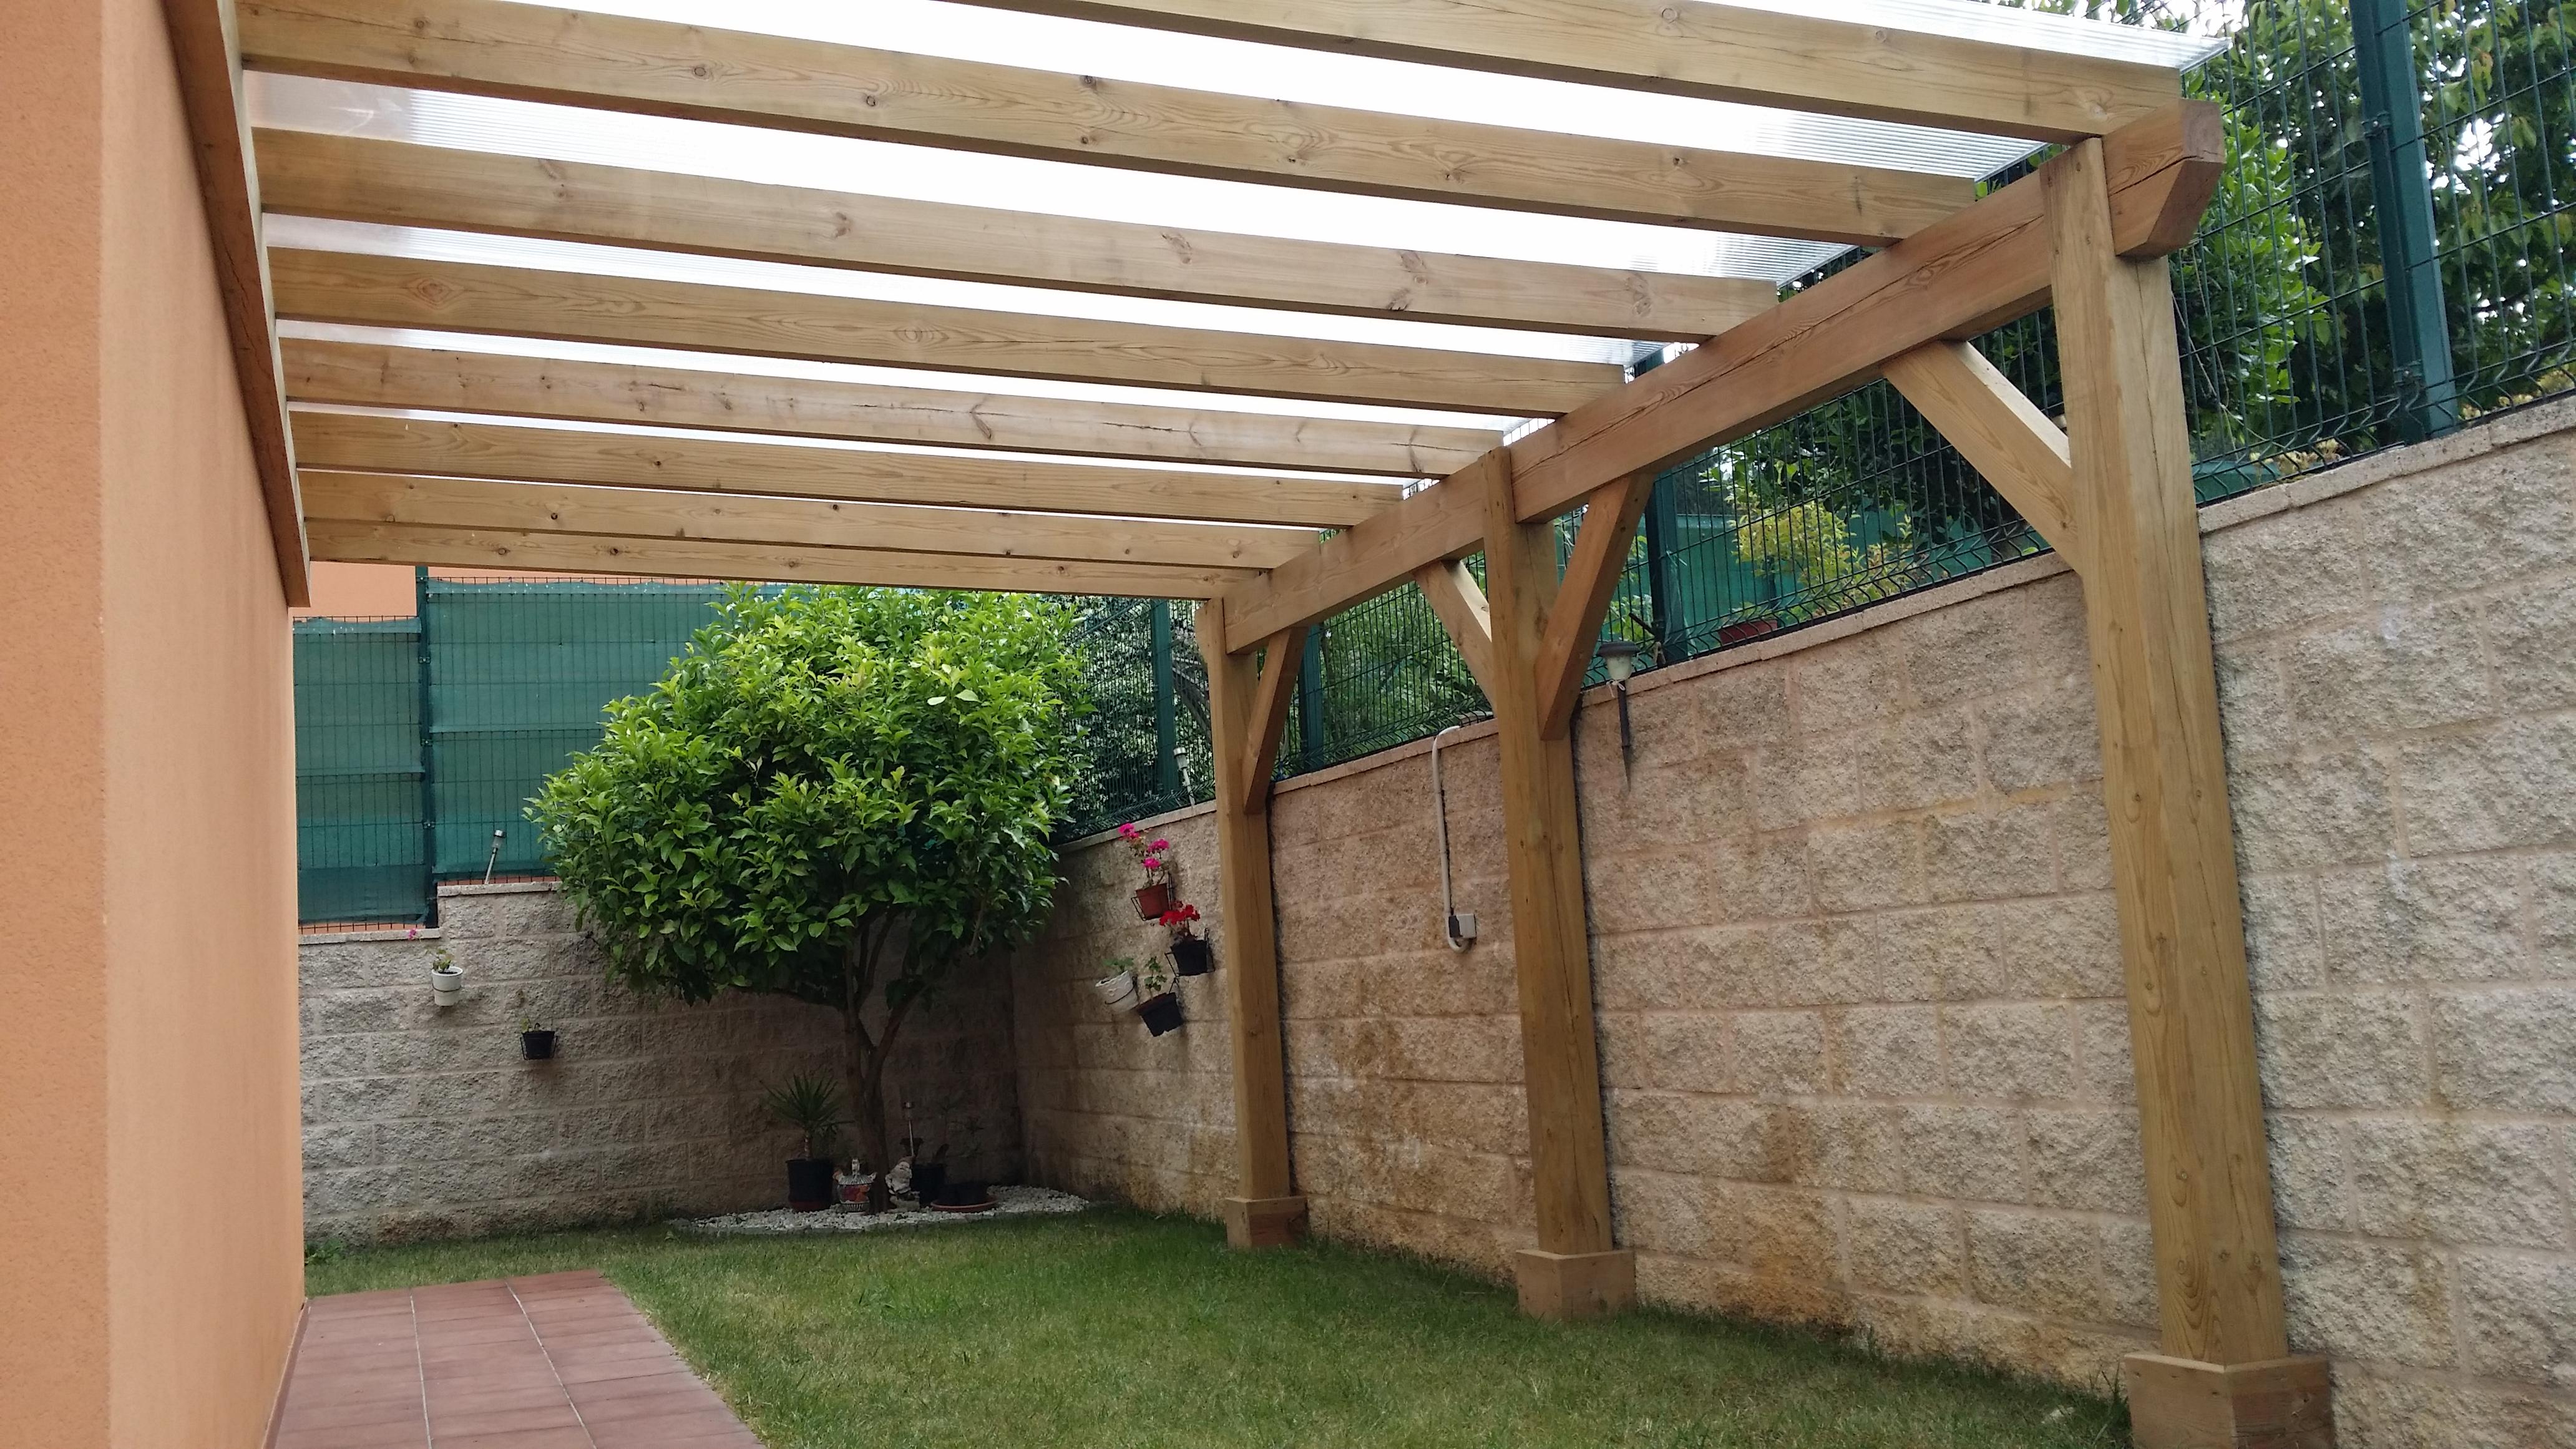 Pergola madera tratada 7 3 6 - Construir pergola de madera ...